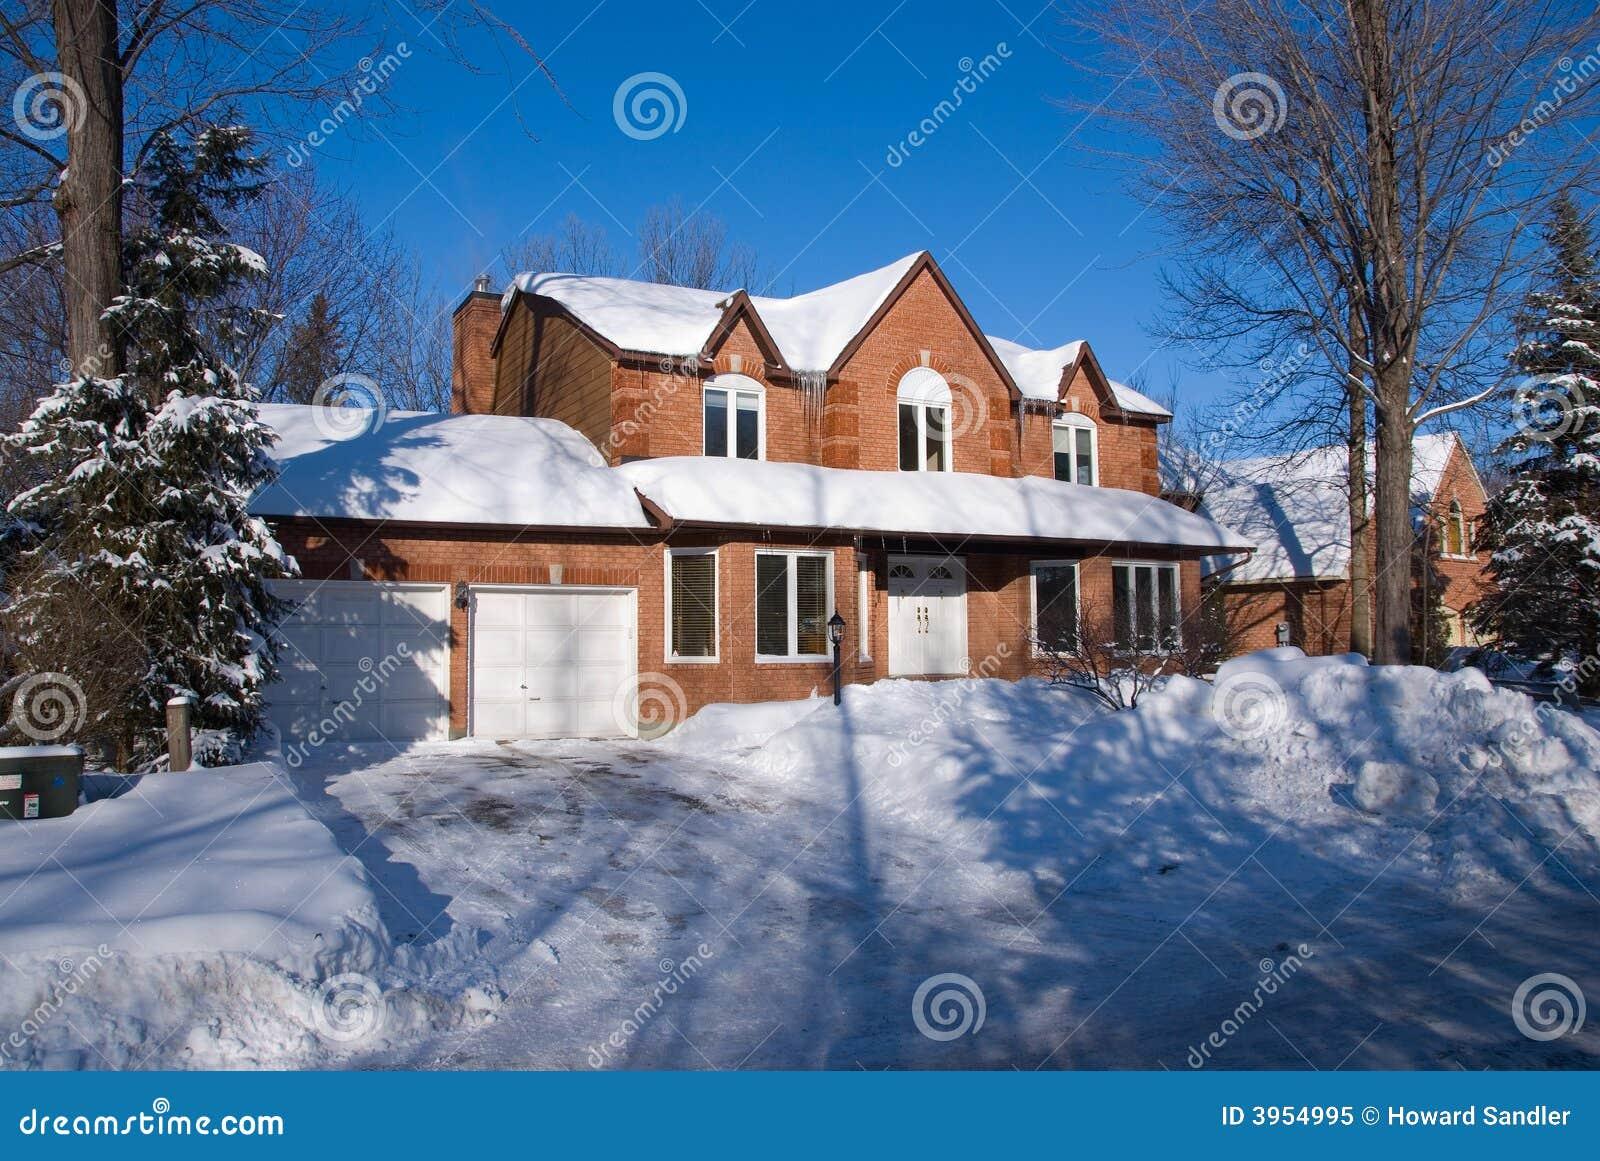 maison de luxe de brique en hiver image stock - image du bleu, réel